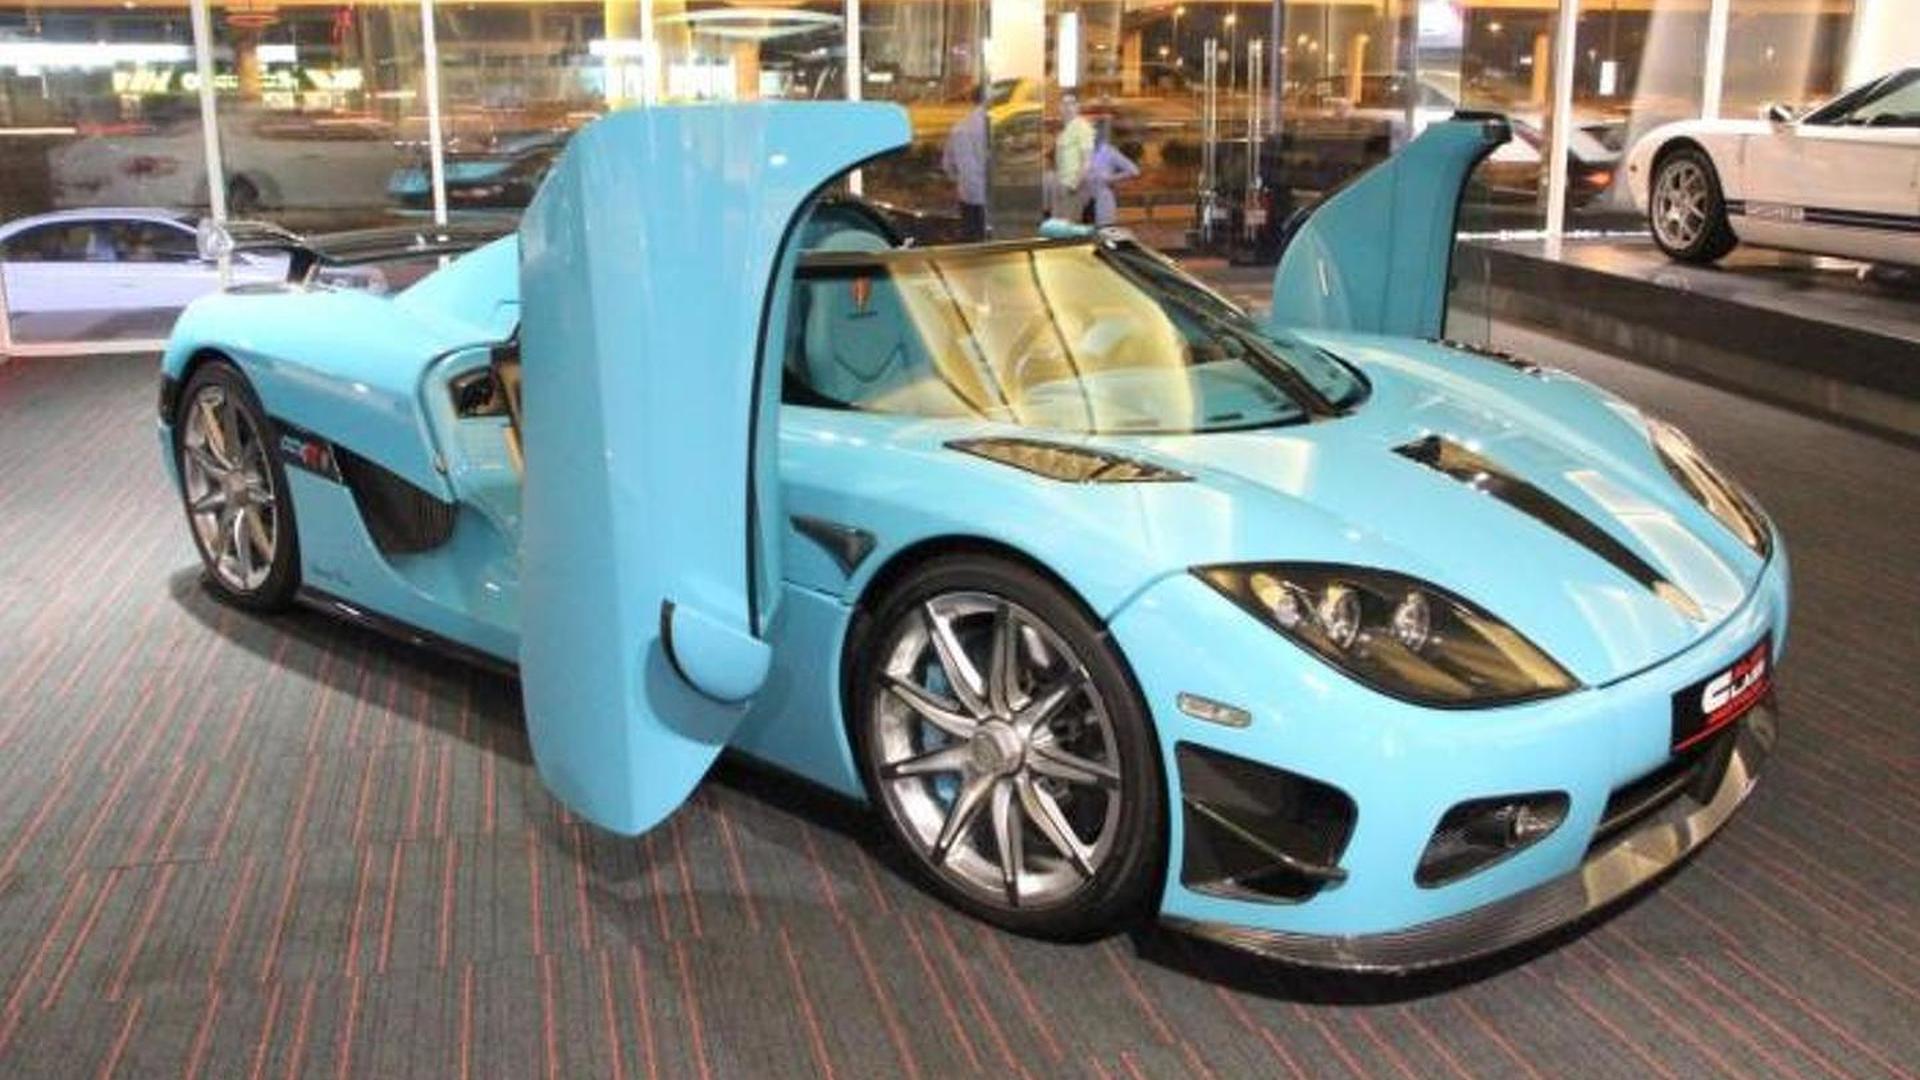 e off turquoise Koenigsegg CCXR for sale in Dubai